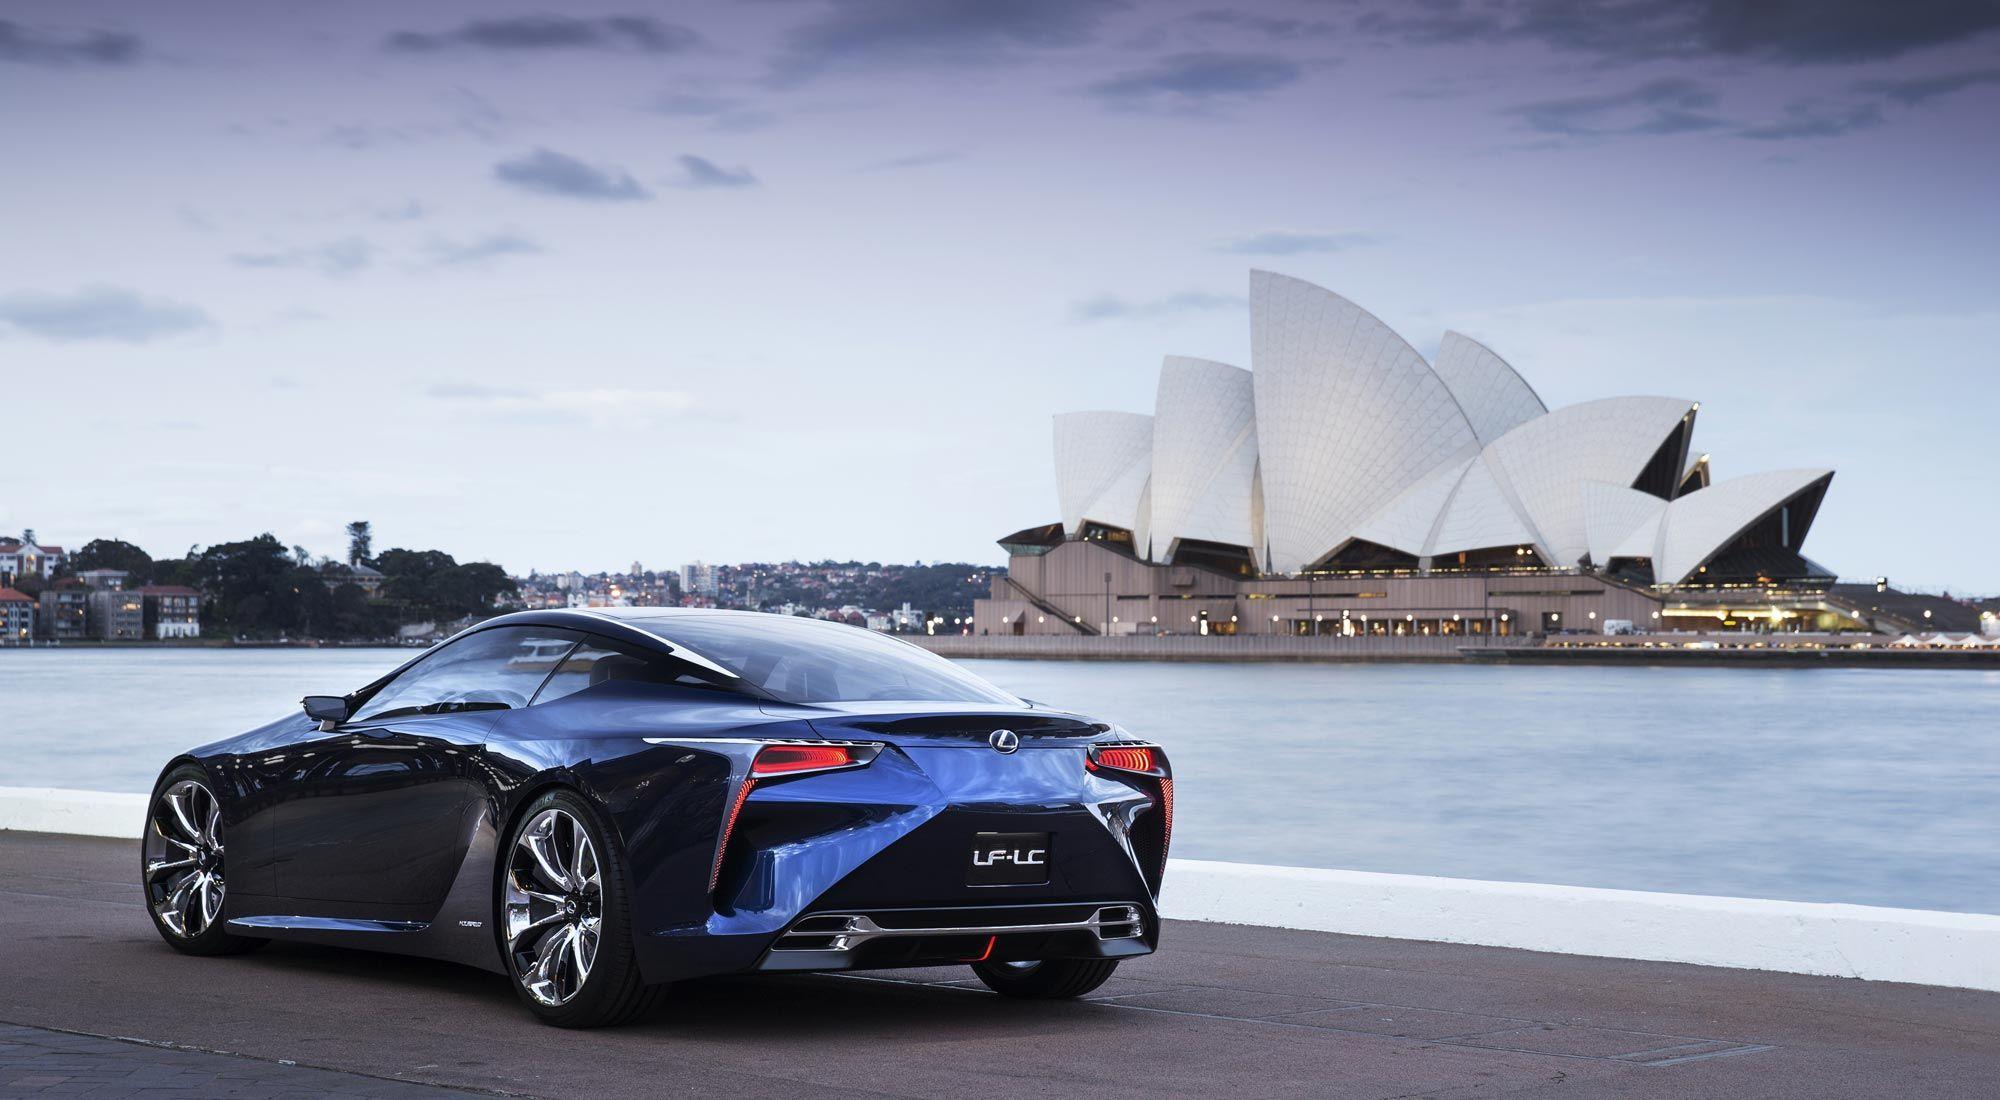 Lexus Lf Lc Concept Car Http Www Mcgrathlexusofchicago Com